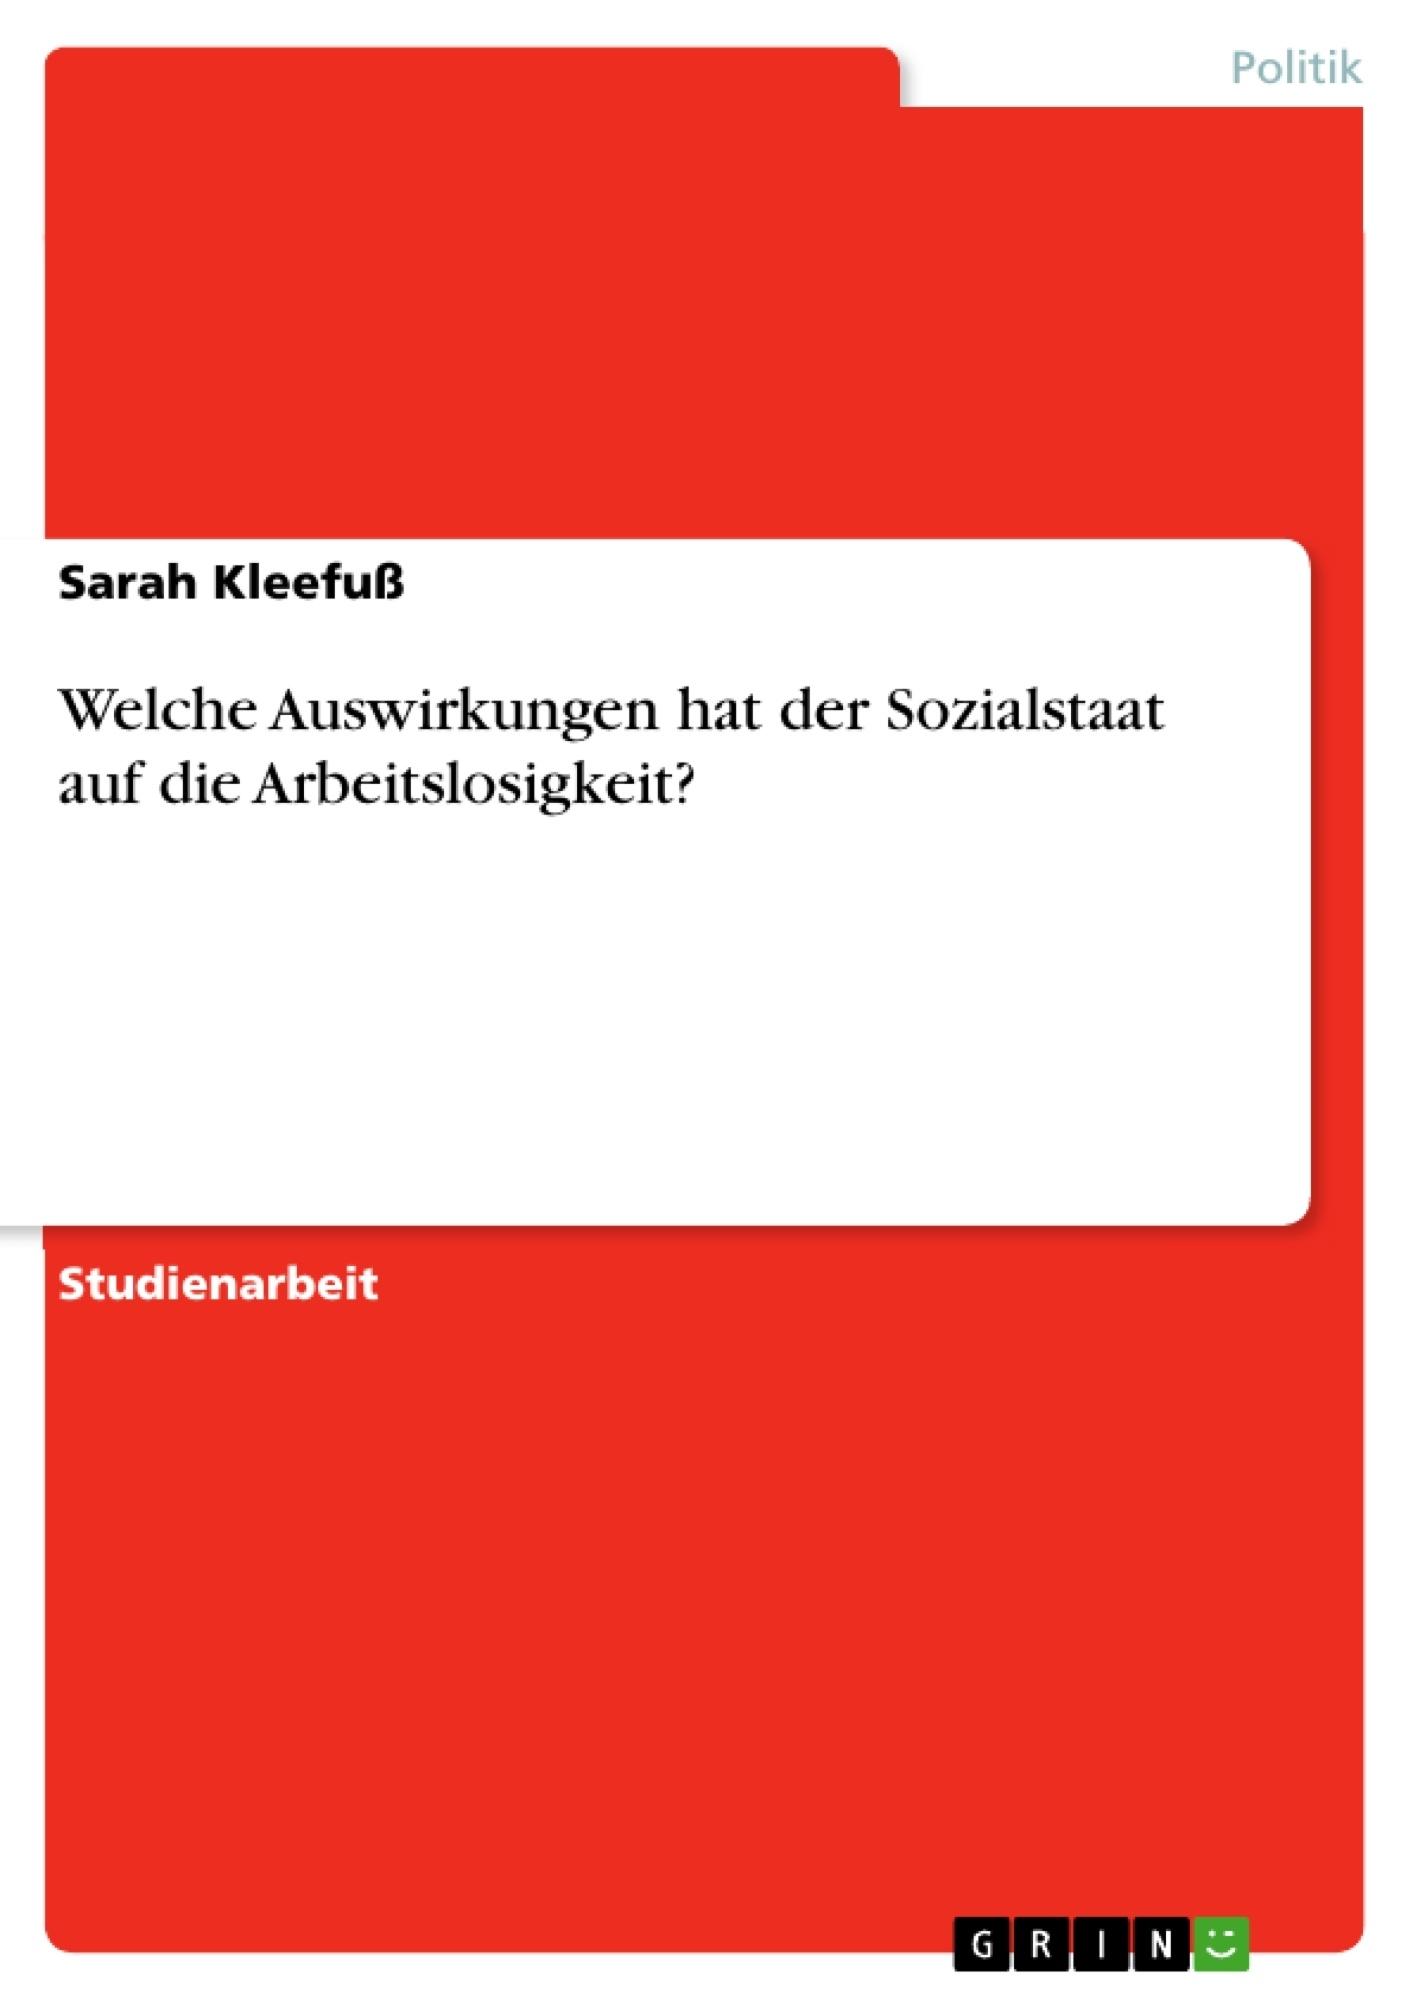 Titel: Welche Auswirkungen hat der Sozialstaat auf die Arbeitslosigkeit?